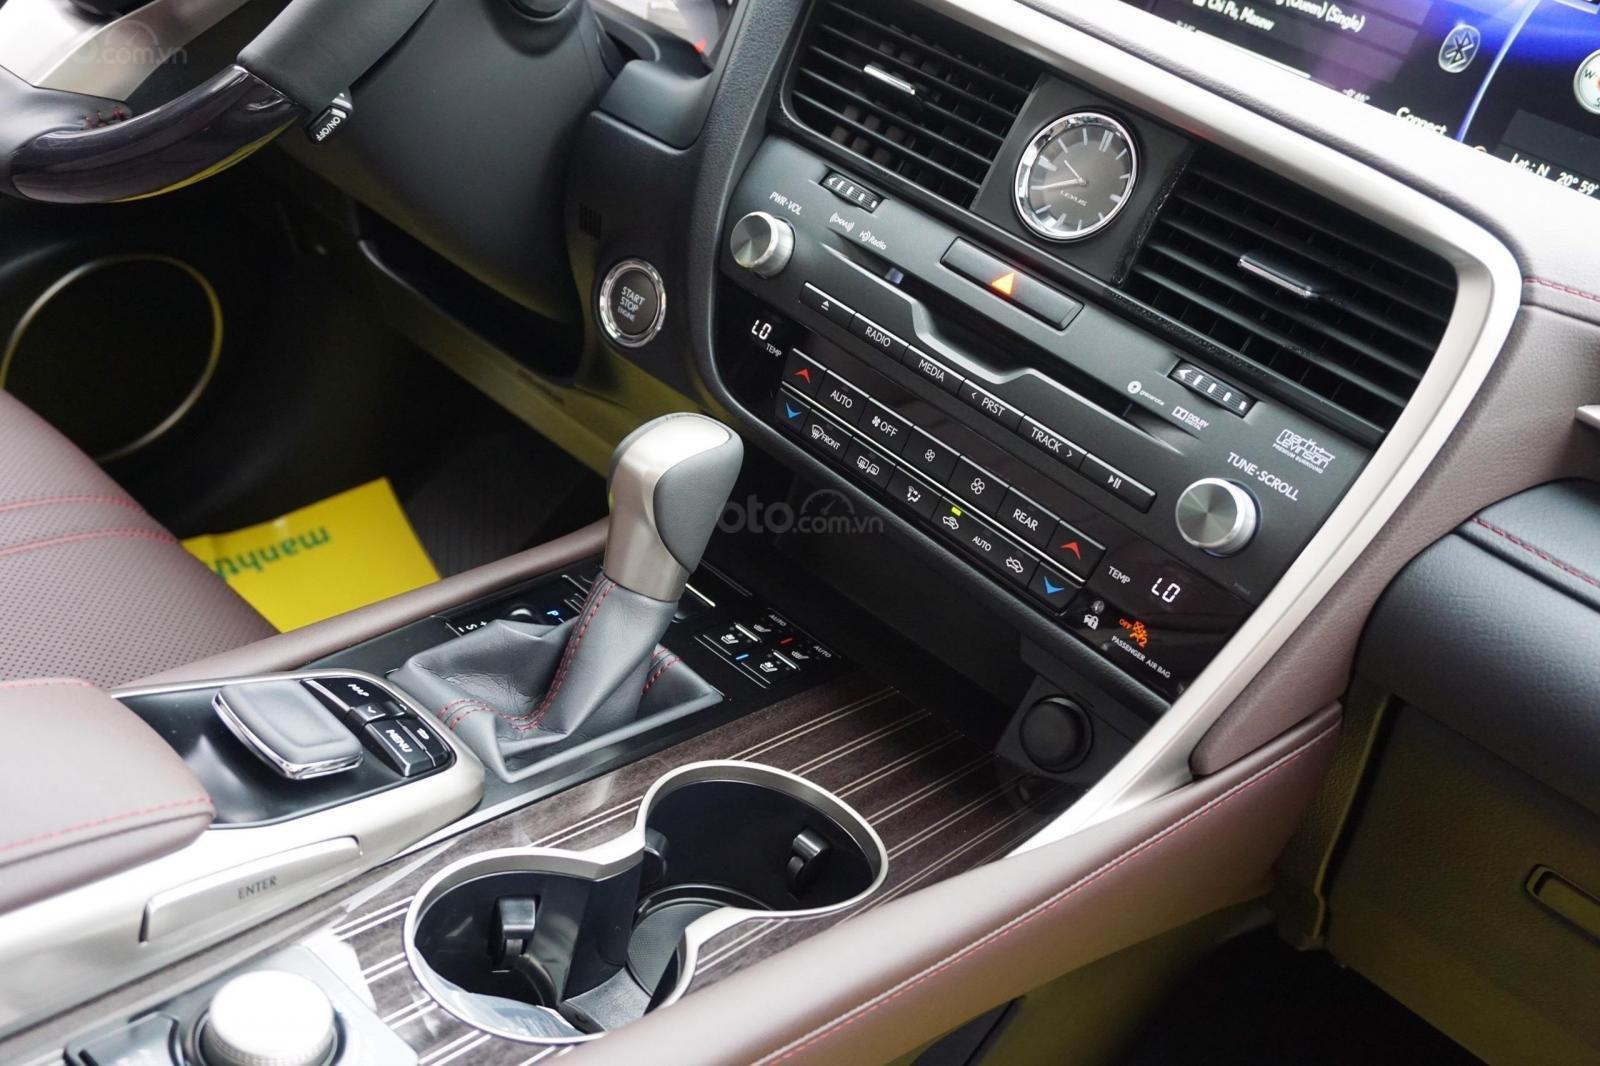 Bán ô tô Lexus RX 350 SX 2019, xe nhập Mỹ full kịch options, giá tốt, giao ngay toàn quốc, LH 093.996.2368 Ms Ngọc Vy (13)